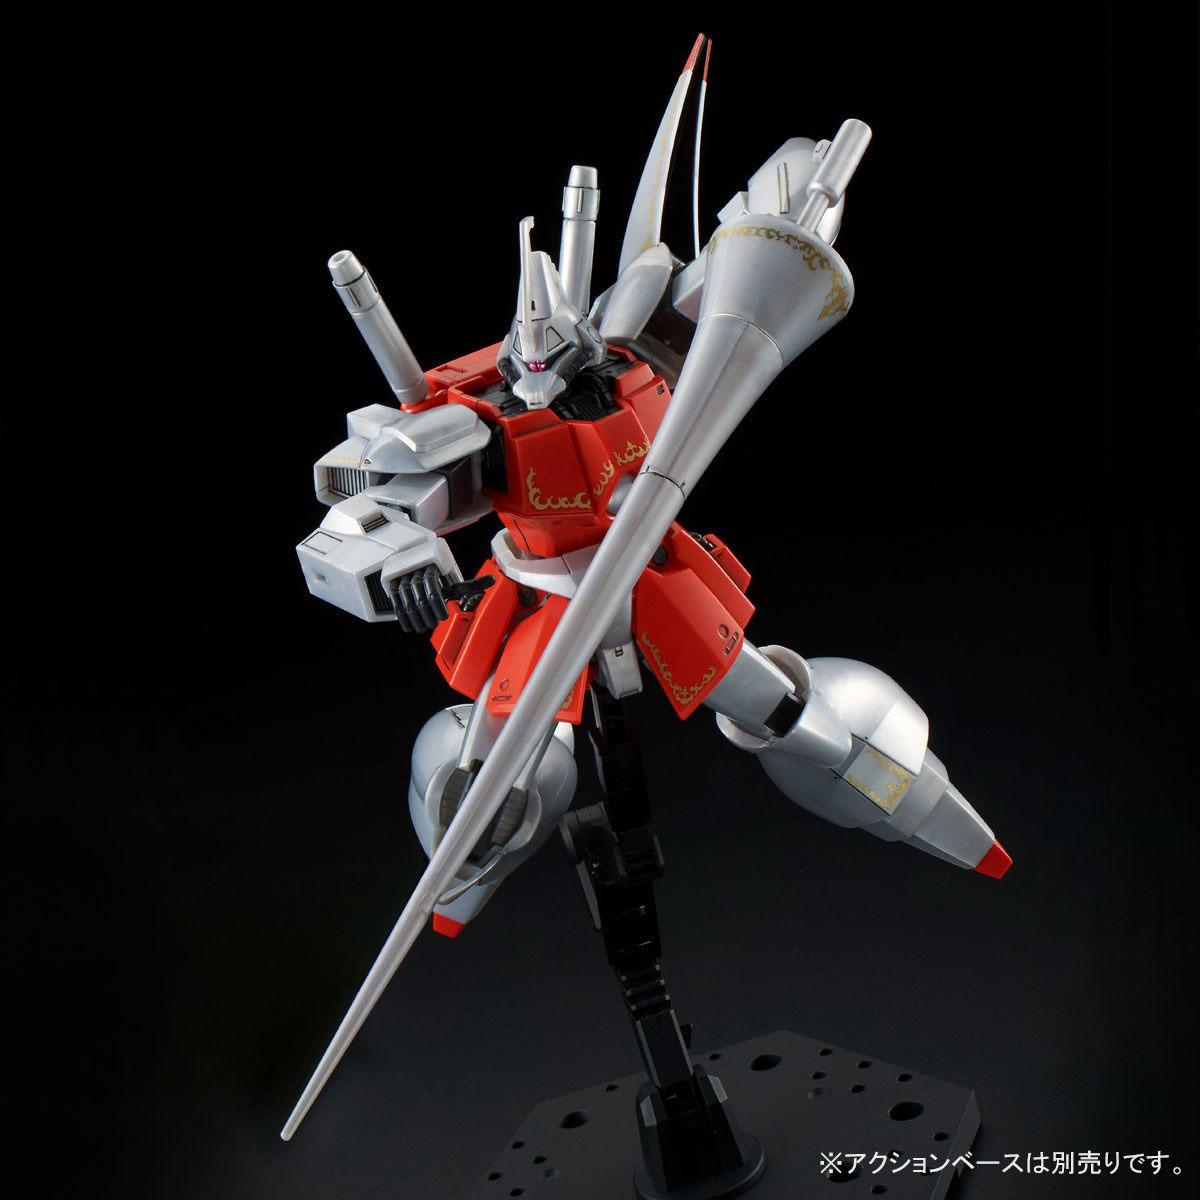 HG 1/144『ガズ R/L』機動戦士ガンダムZZ プラモデル-004